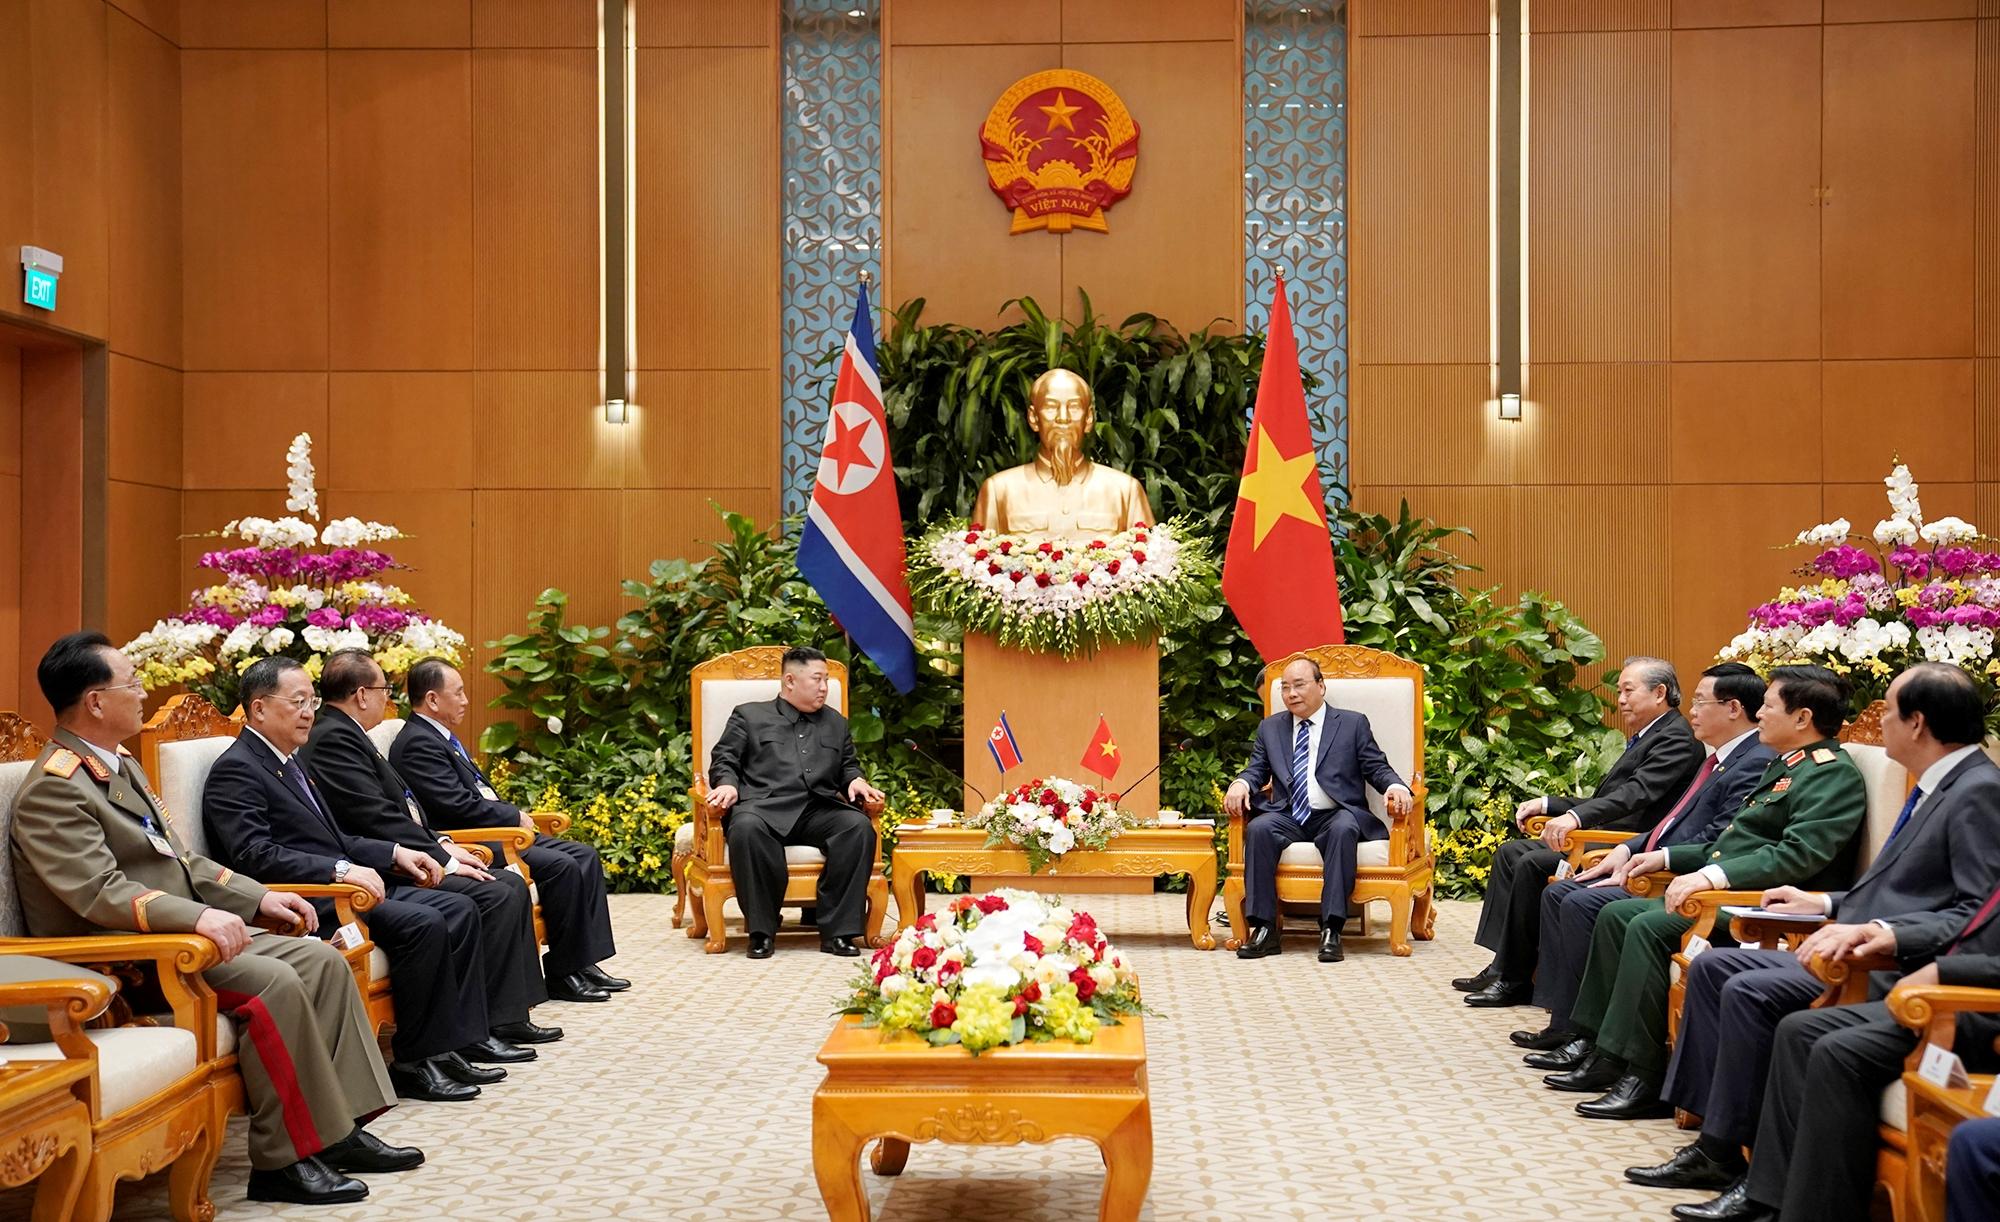 Thủ tướng Nguyễn Xuân Phúc hội kiến Chủ tịch Triều Tiên Kim Châng Ưn